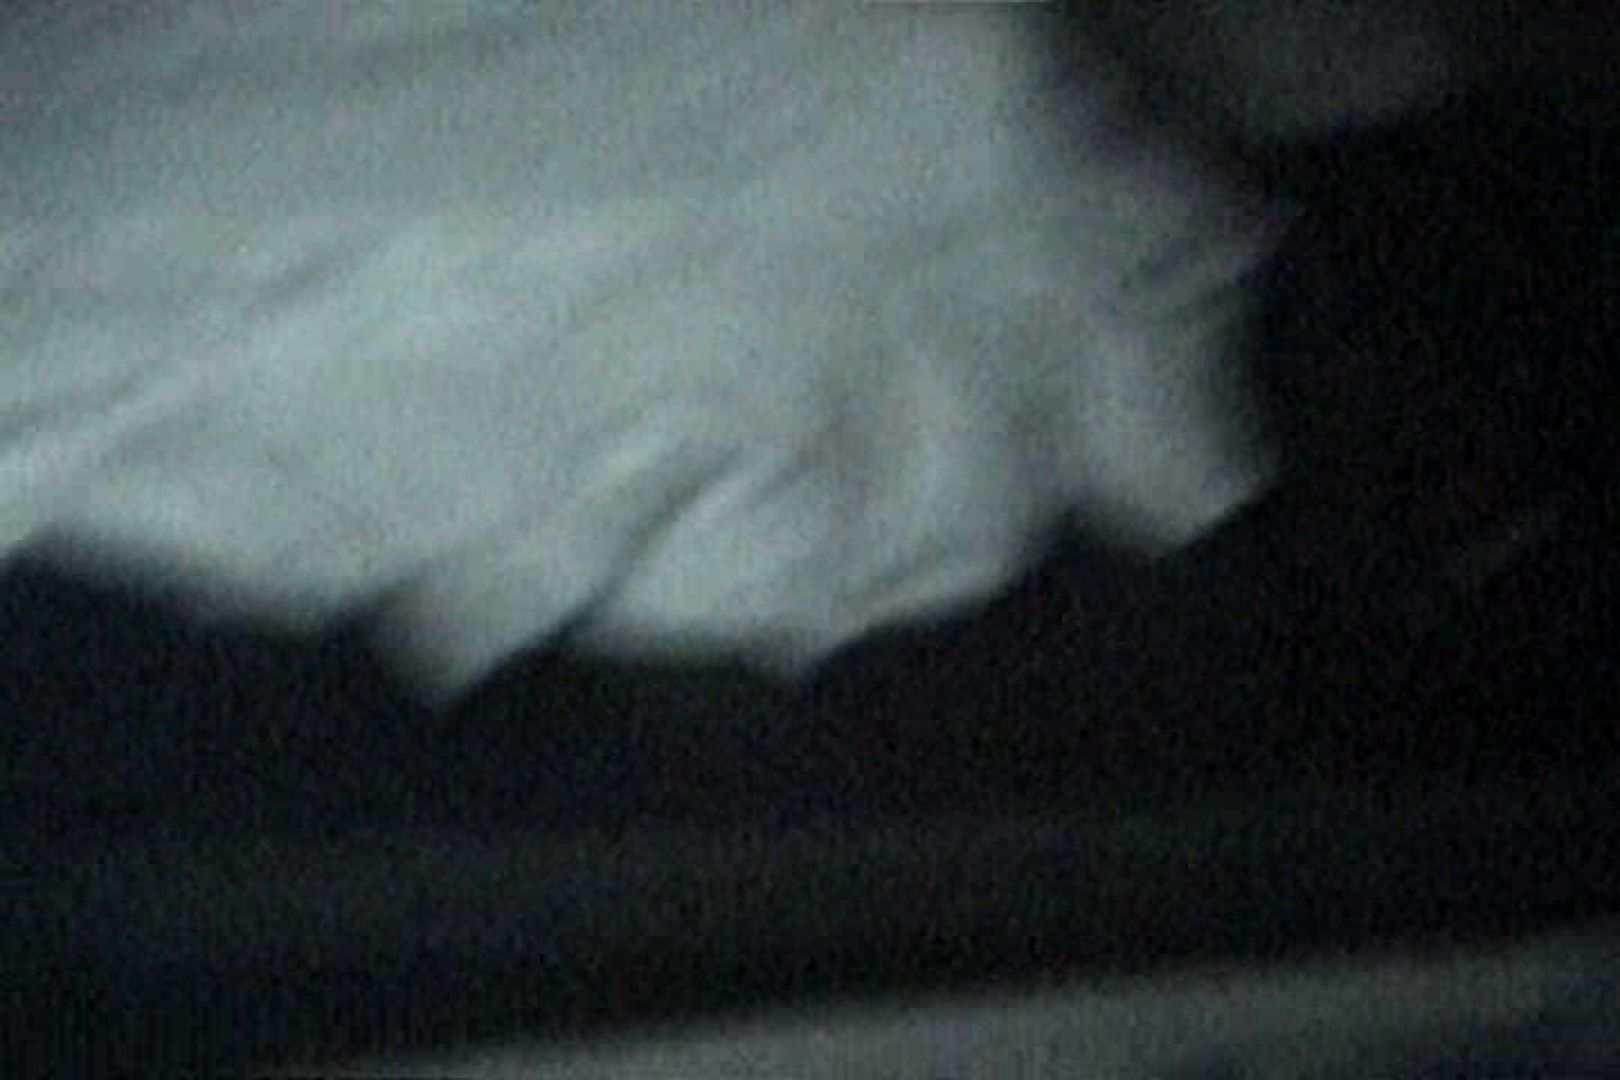 充血監督の深夜の運動会Vol.148 エロティックなOL | 車の中のカップル  88画像 7